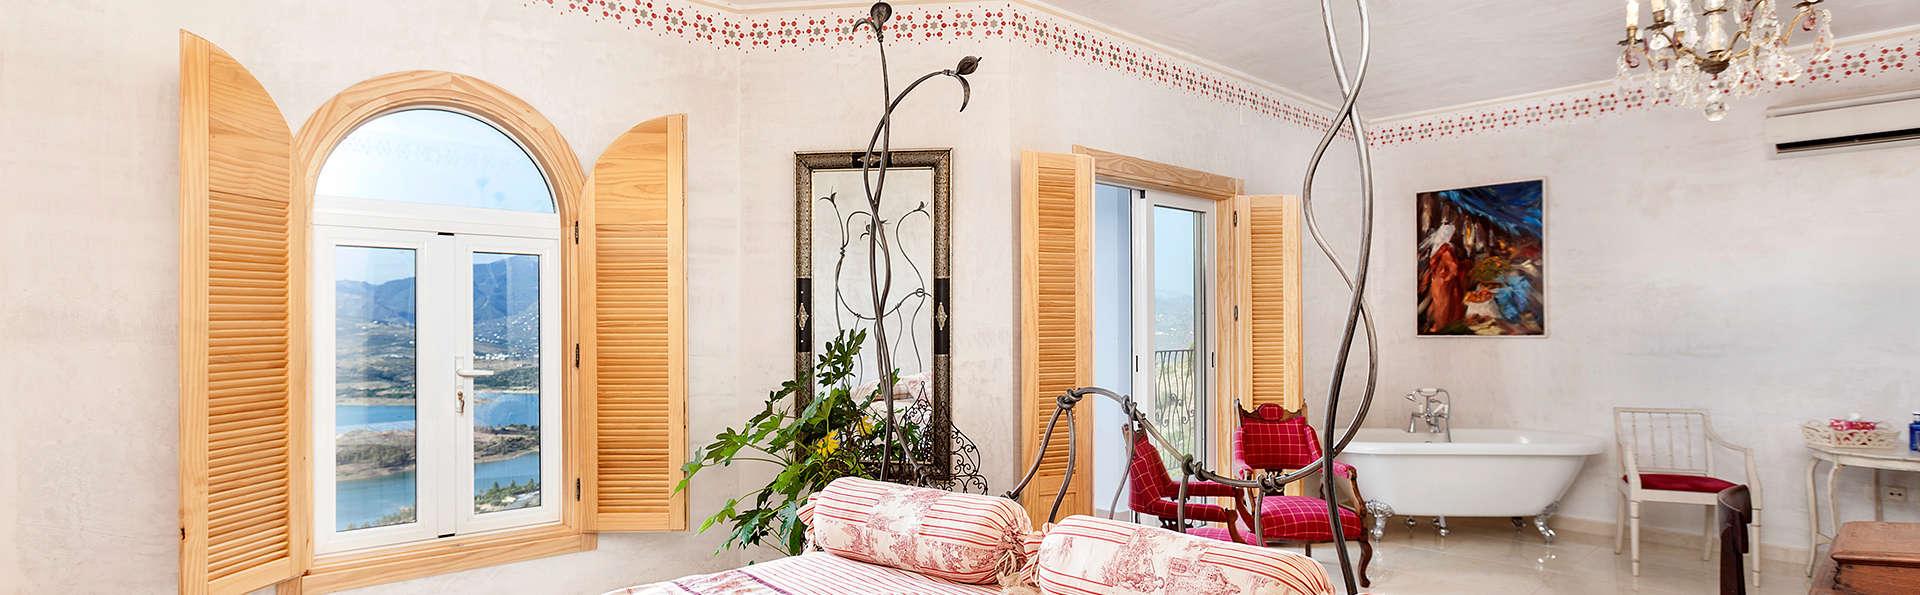 Escapada en Málaga con desayuno y botella de cava en Suite con vistas al lago